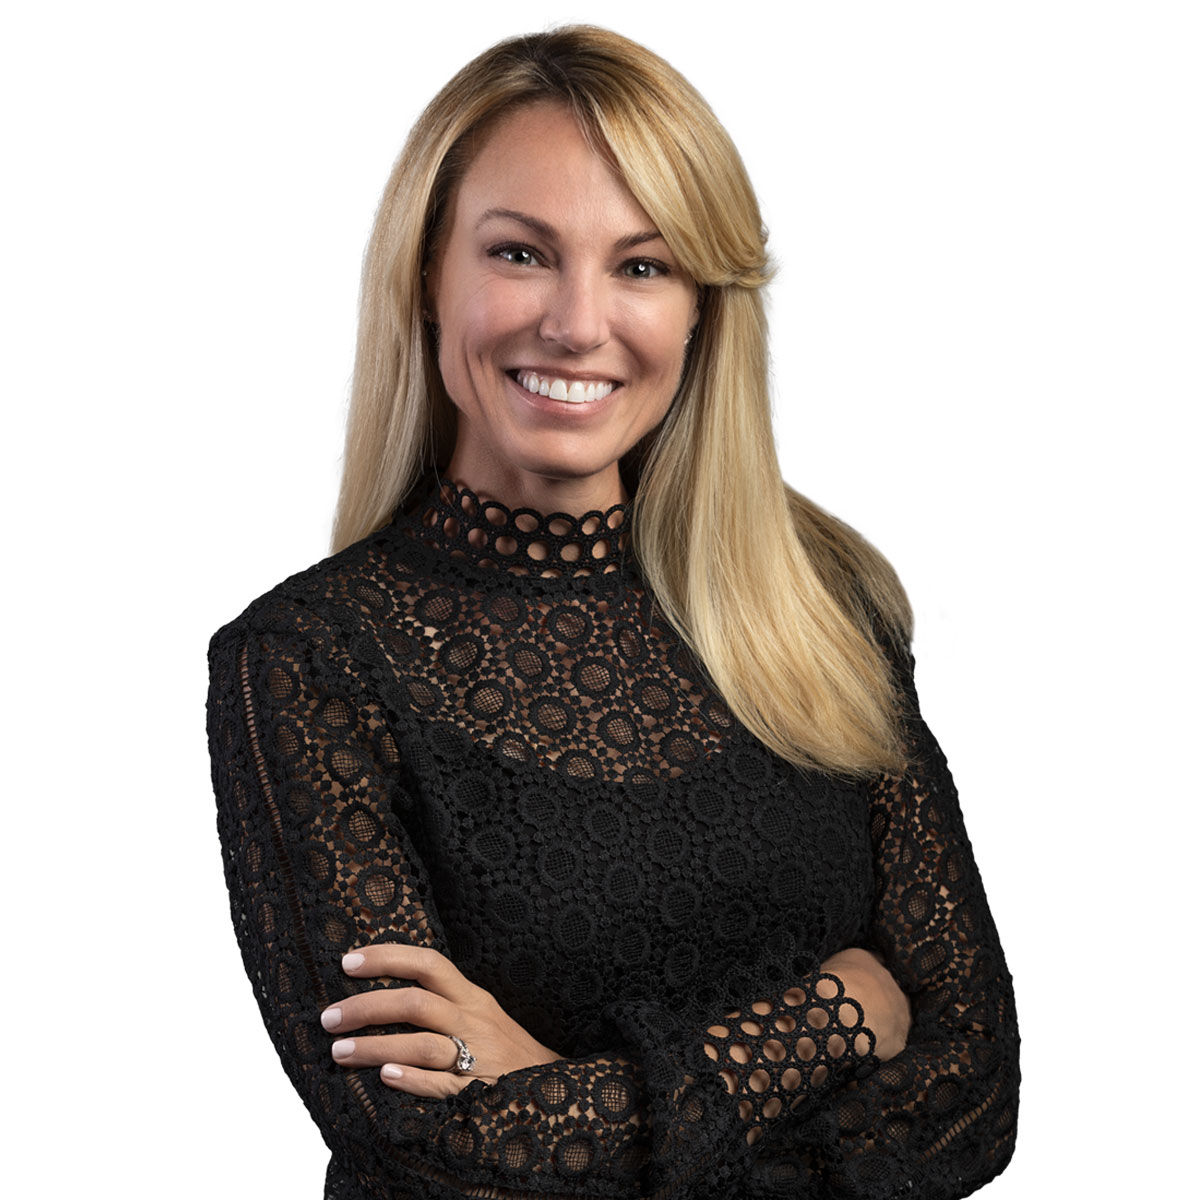 Natalie Vermeulen